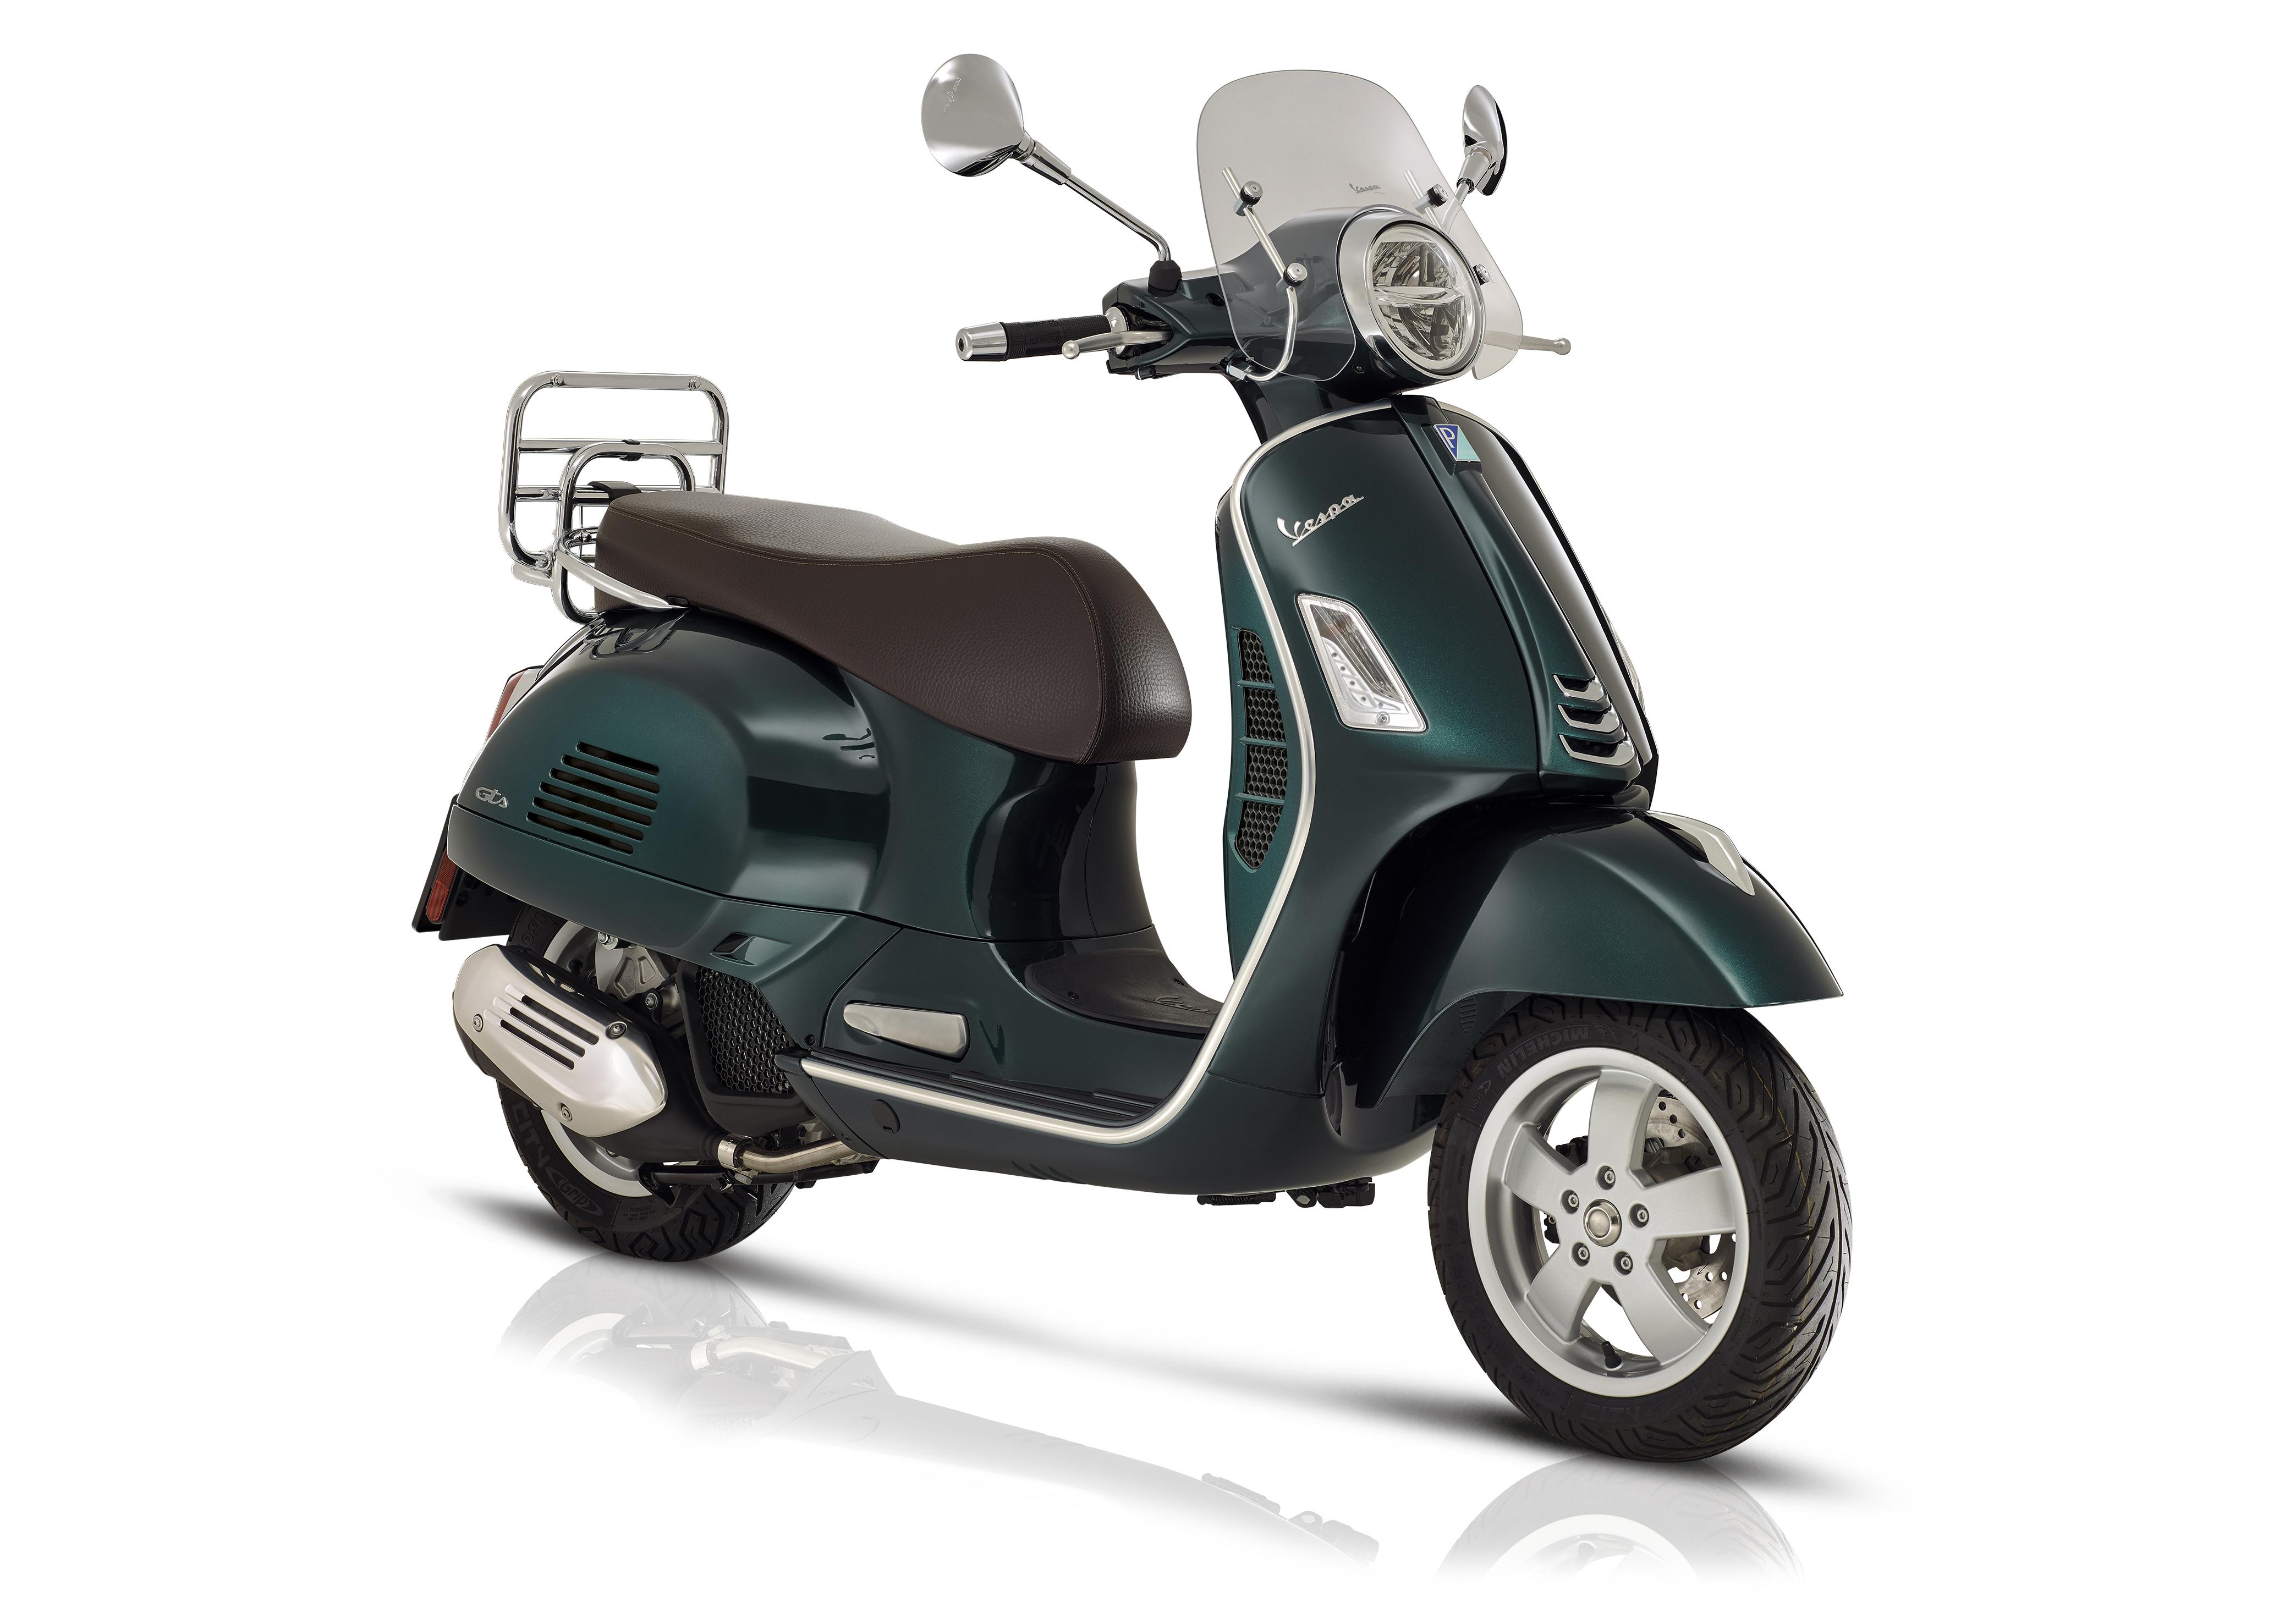 Verbazingwekkend Vespa Primavera 125 Touring Donker Groen scooter kopen bij Central IW-57